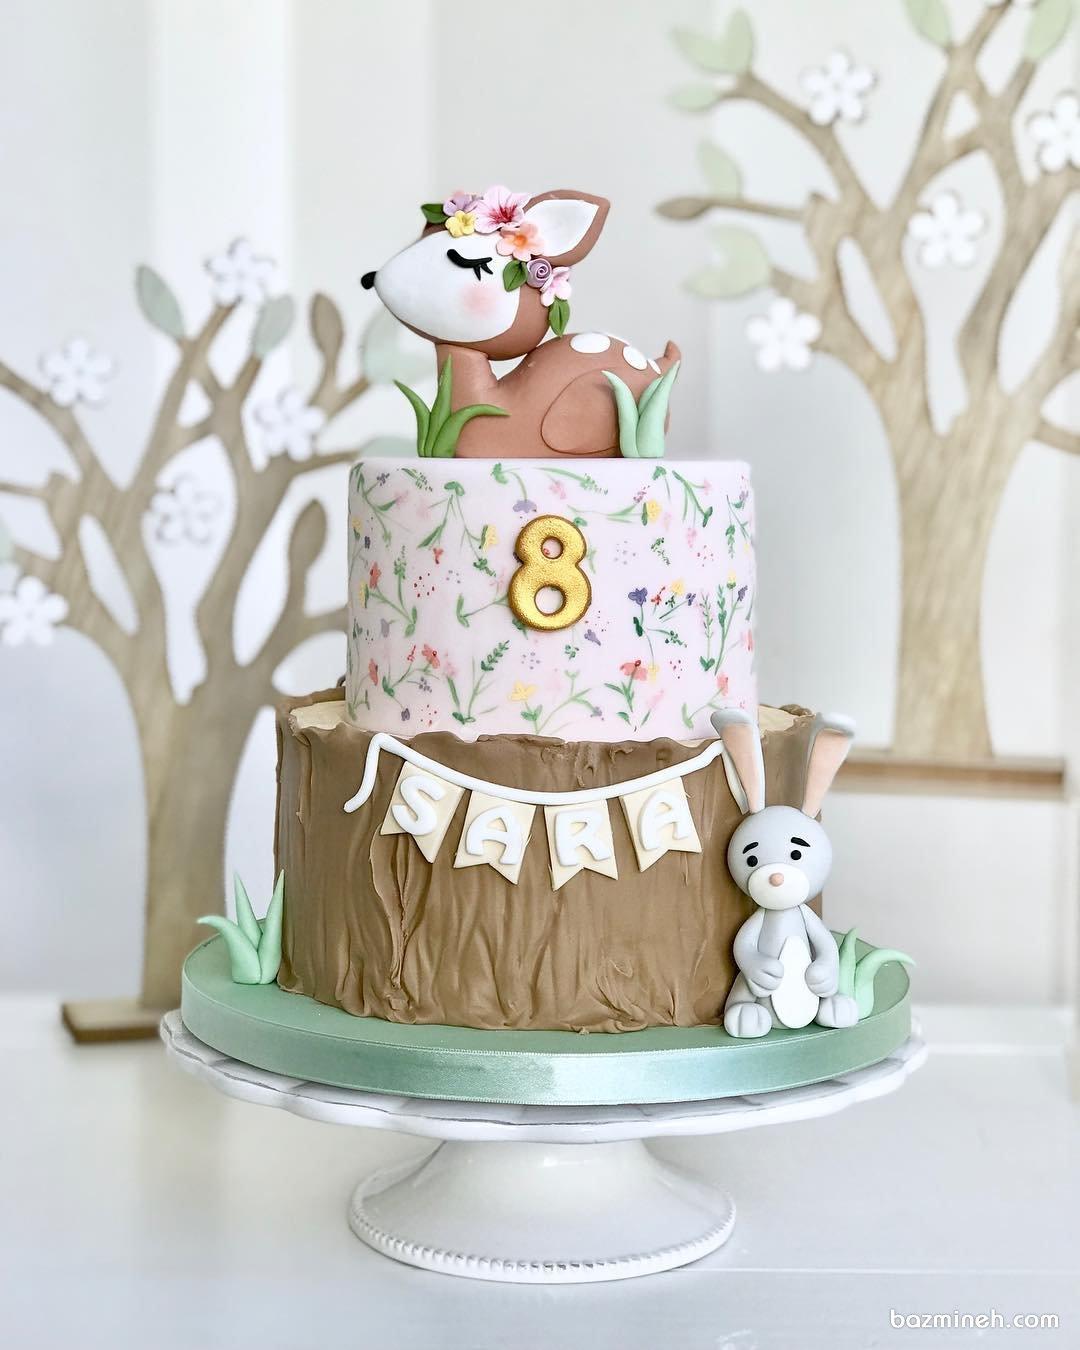 کیک دو طبقه فوندانت جشن تولد کودک با تم آهو و جنگل